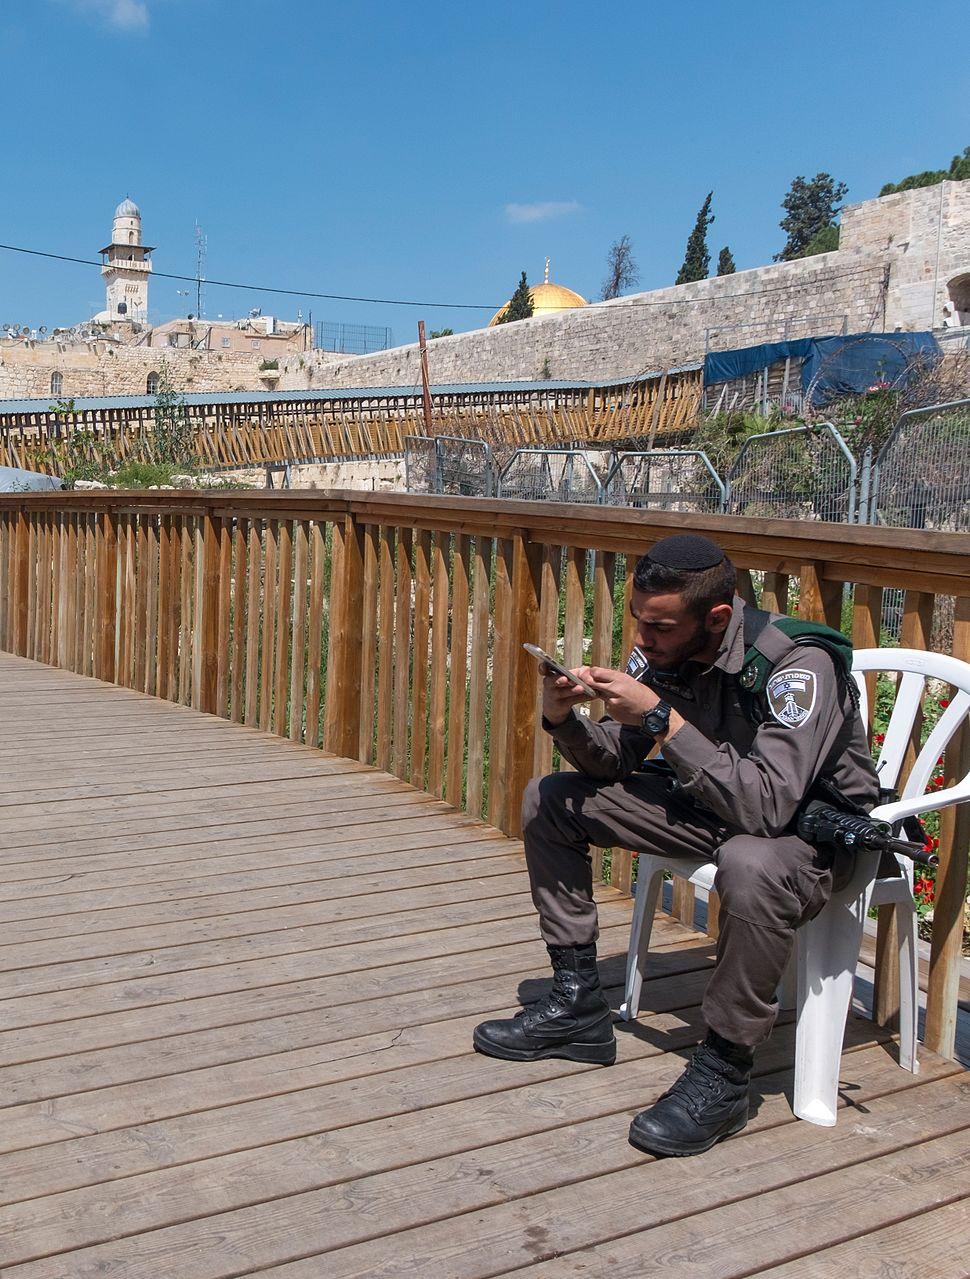 16-03-30-Jerusalem-Altstadt-RalfR-DSCF7697